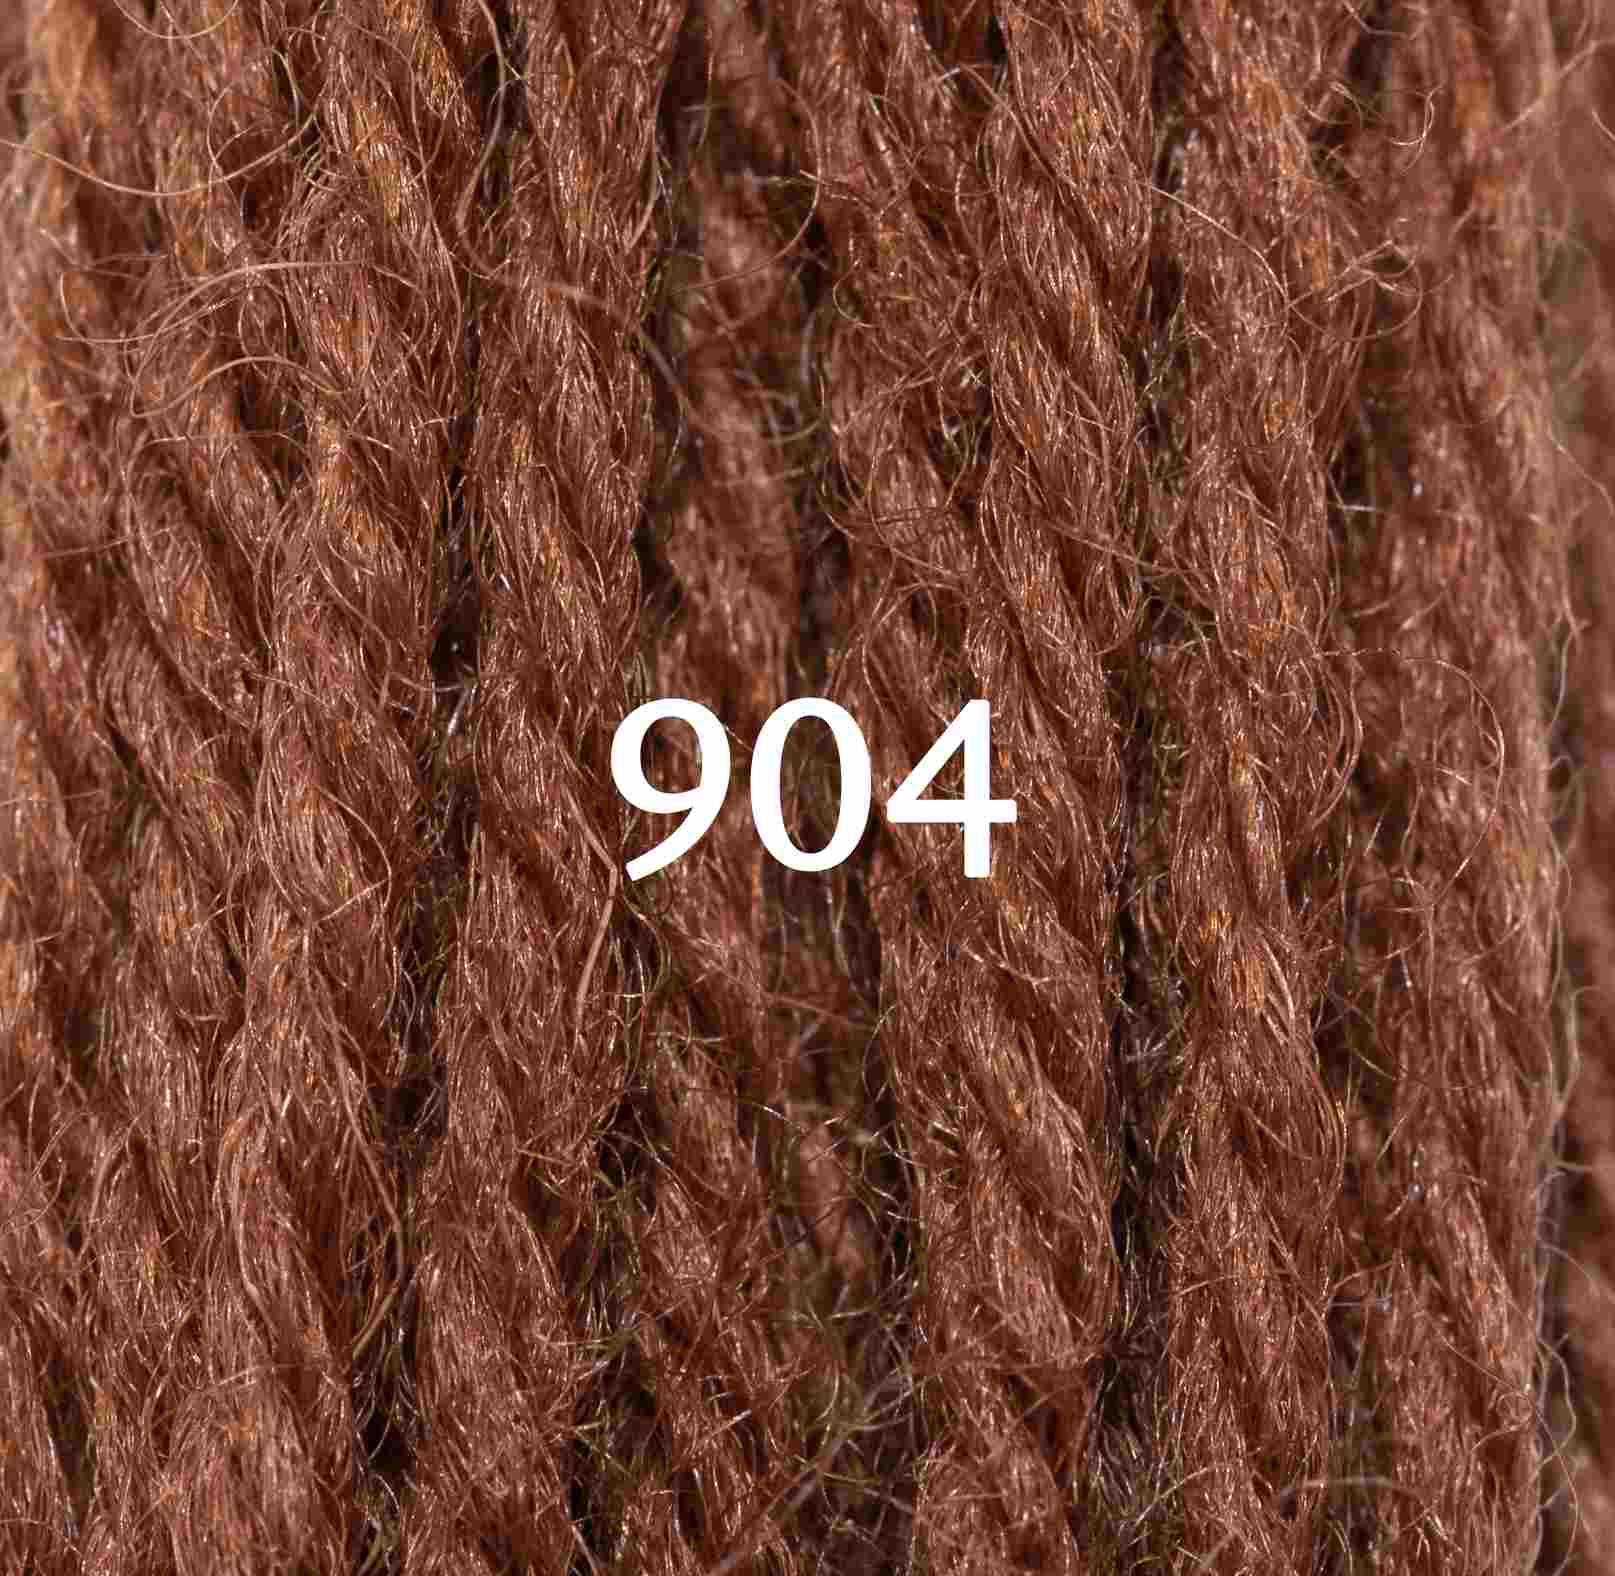 Golden-Brown-904